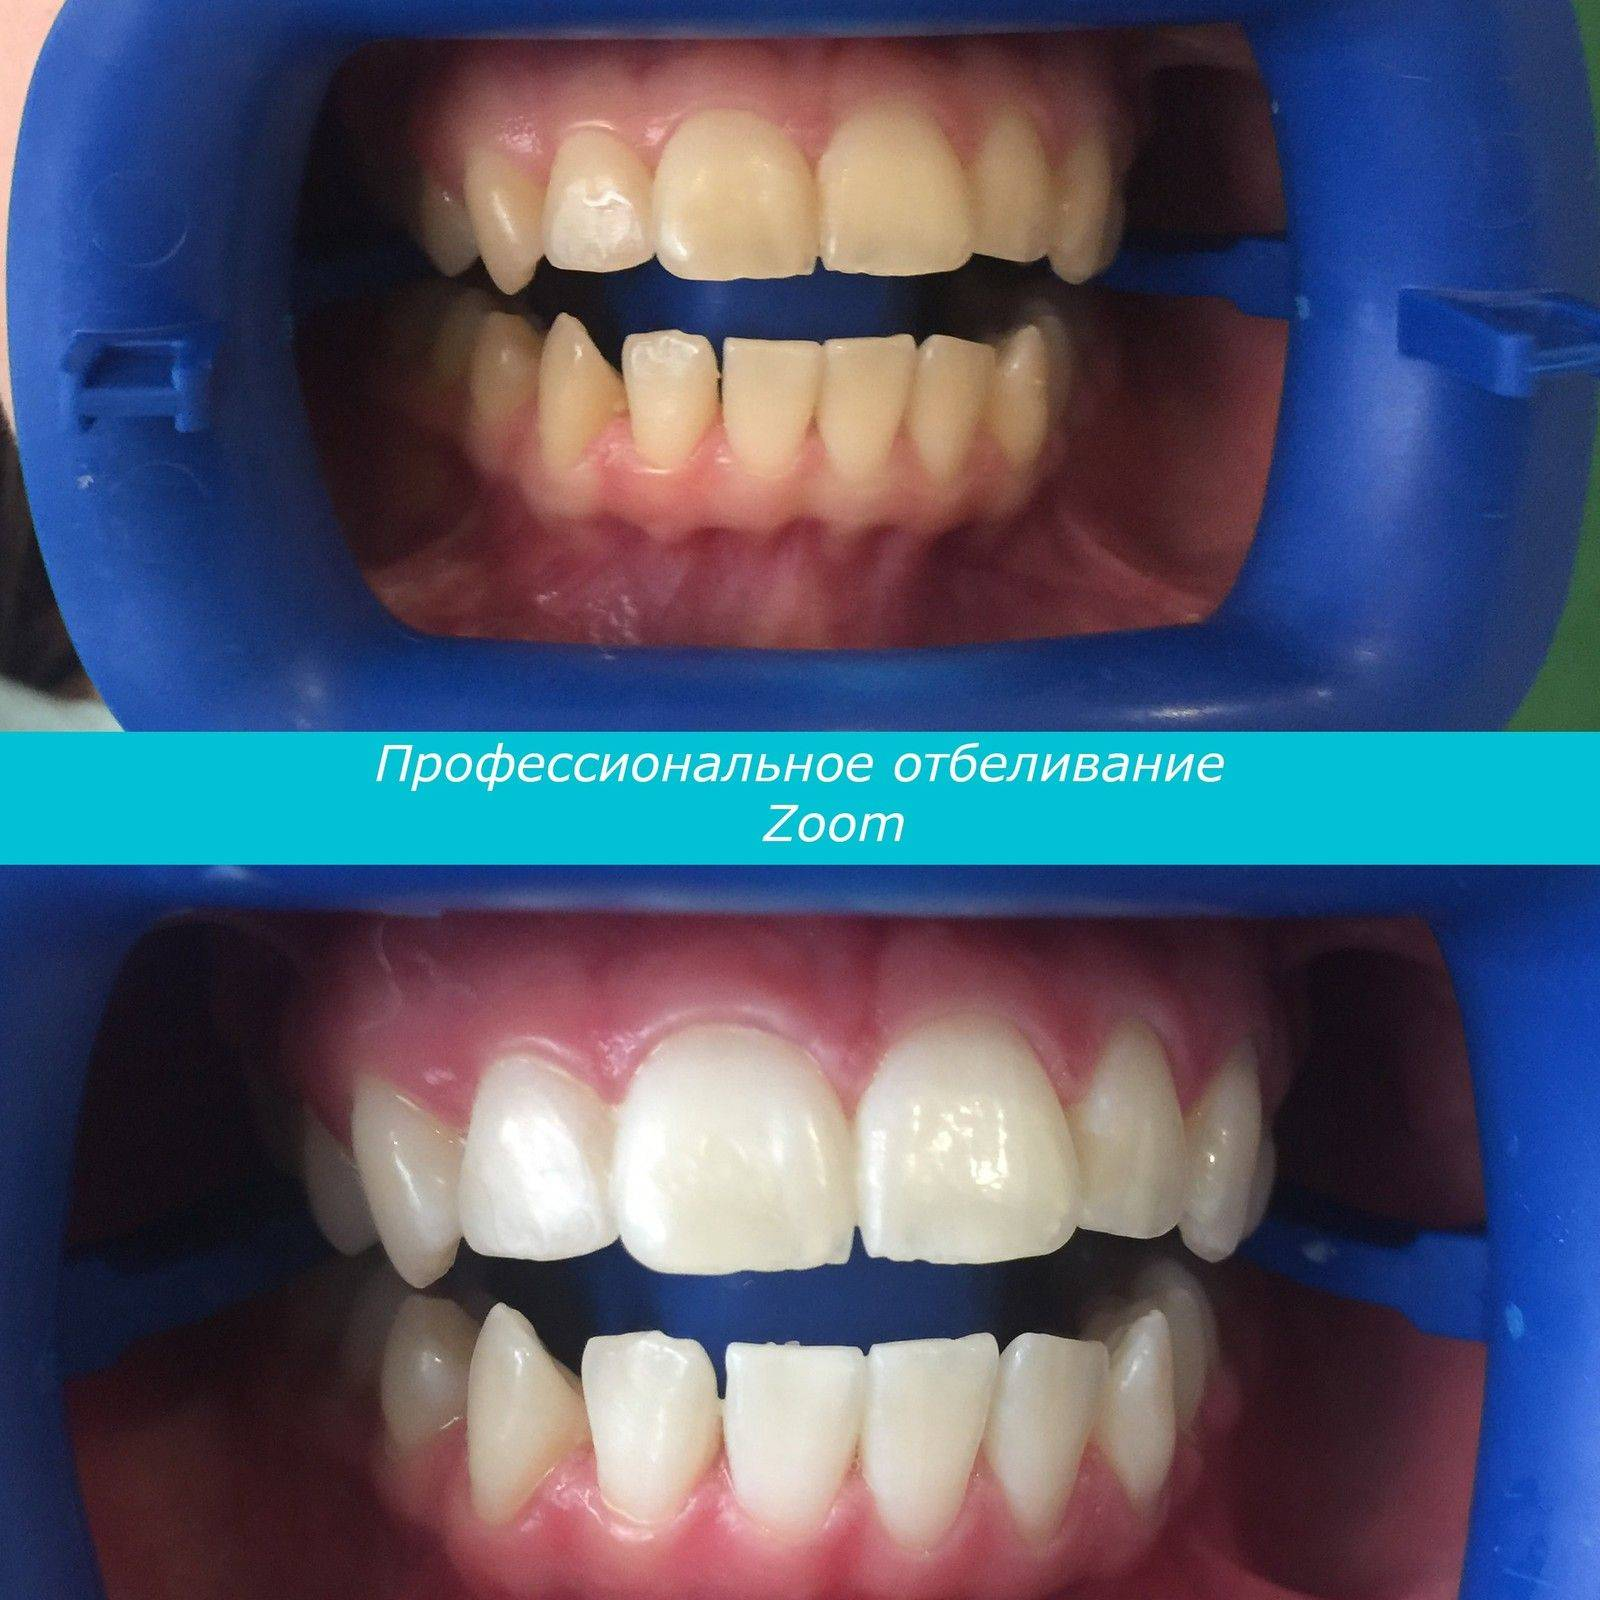 Лазерное отбеливание зубов: плюсы и минусы процедуры. вредно ли делать лазерное отбеливание зубов? на сколько хватает процедуры лазерного отбеливания зубов?